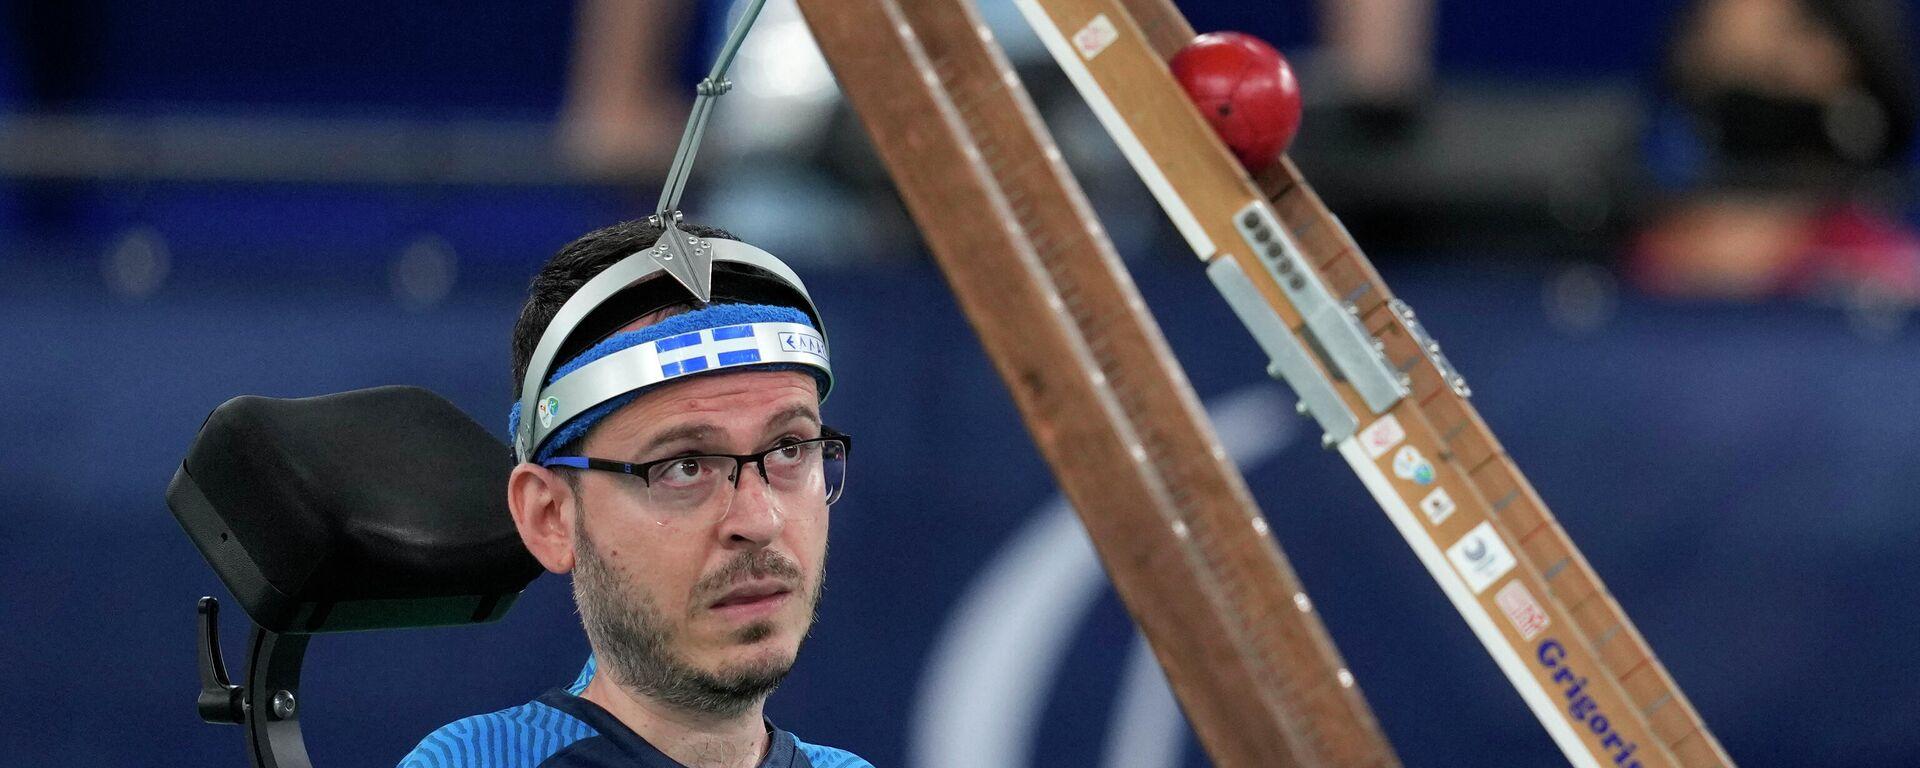 Ο Γρηγόρης Πολυχρονίδης στους Παραολυμπιακούς του Τόκιο - Sputnik Ελλάδα, 1920, 10.09.2021